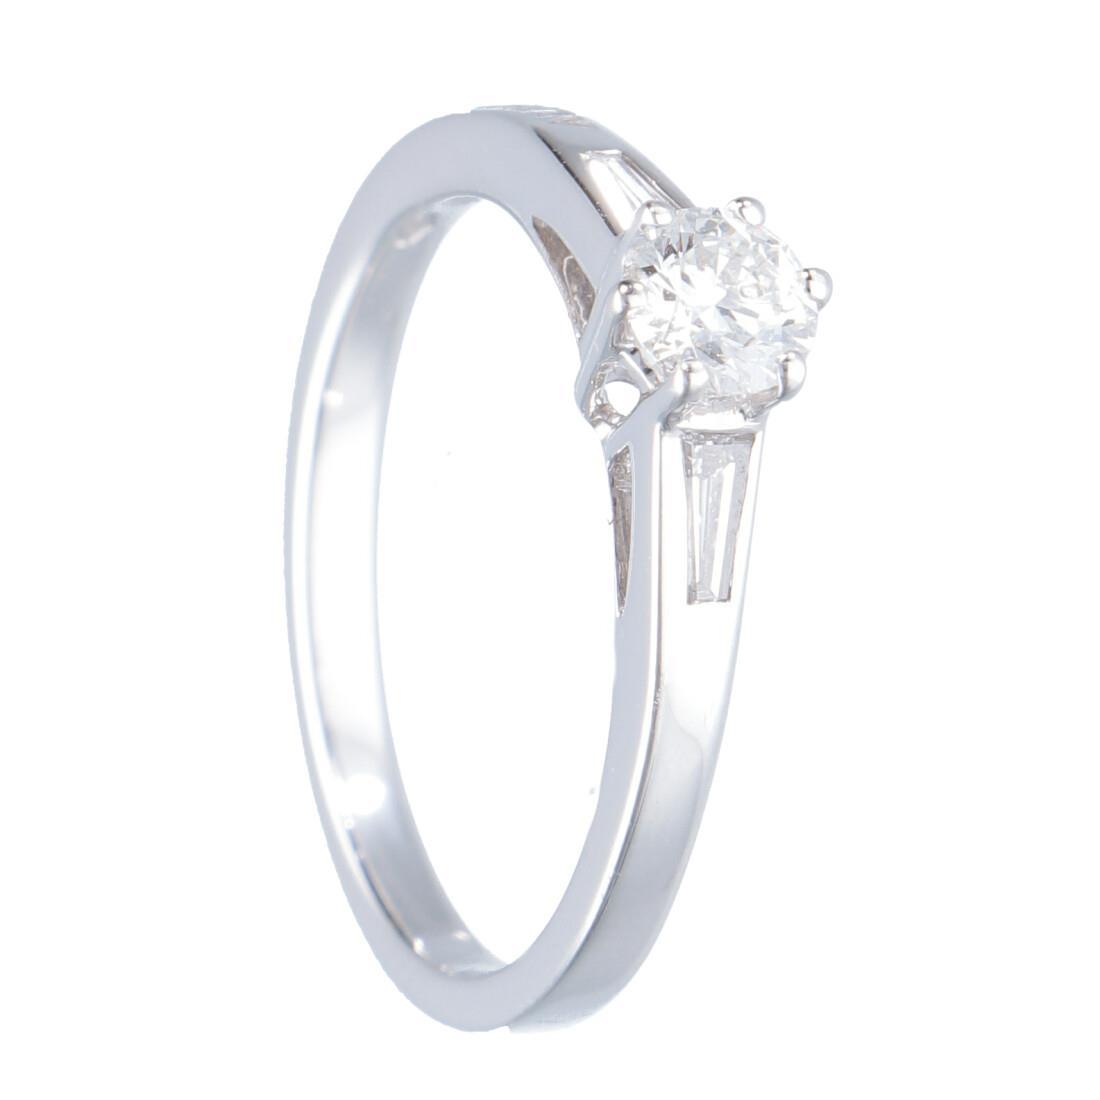 Anello solitario in oro bianco con diamante mis 13 - ALFIERI & ST. JOHN